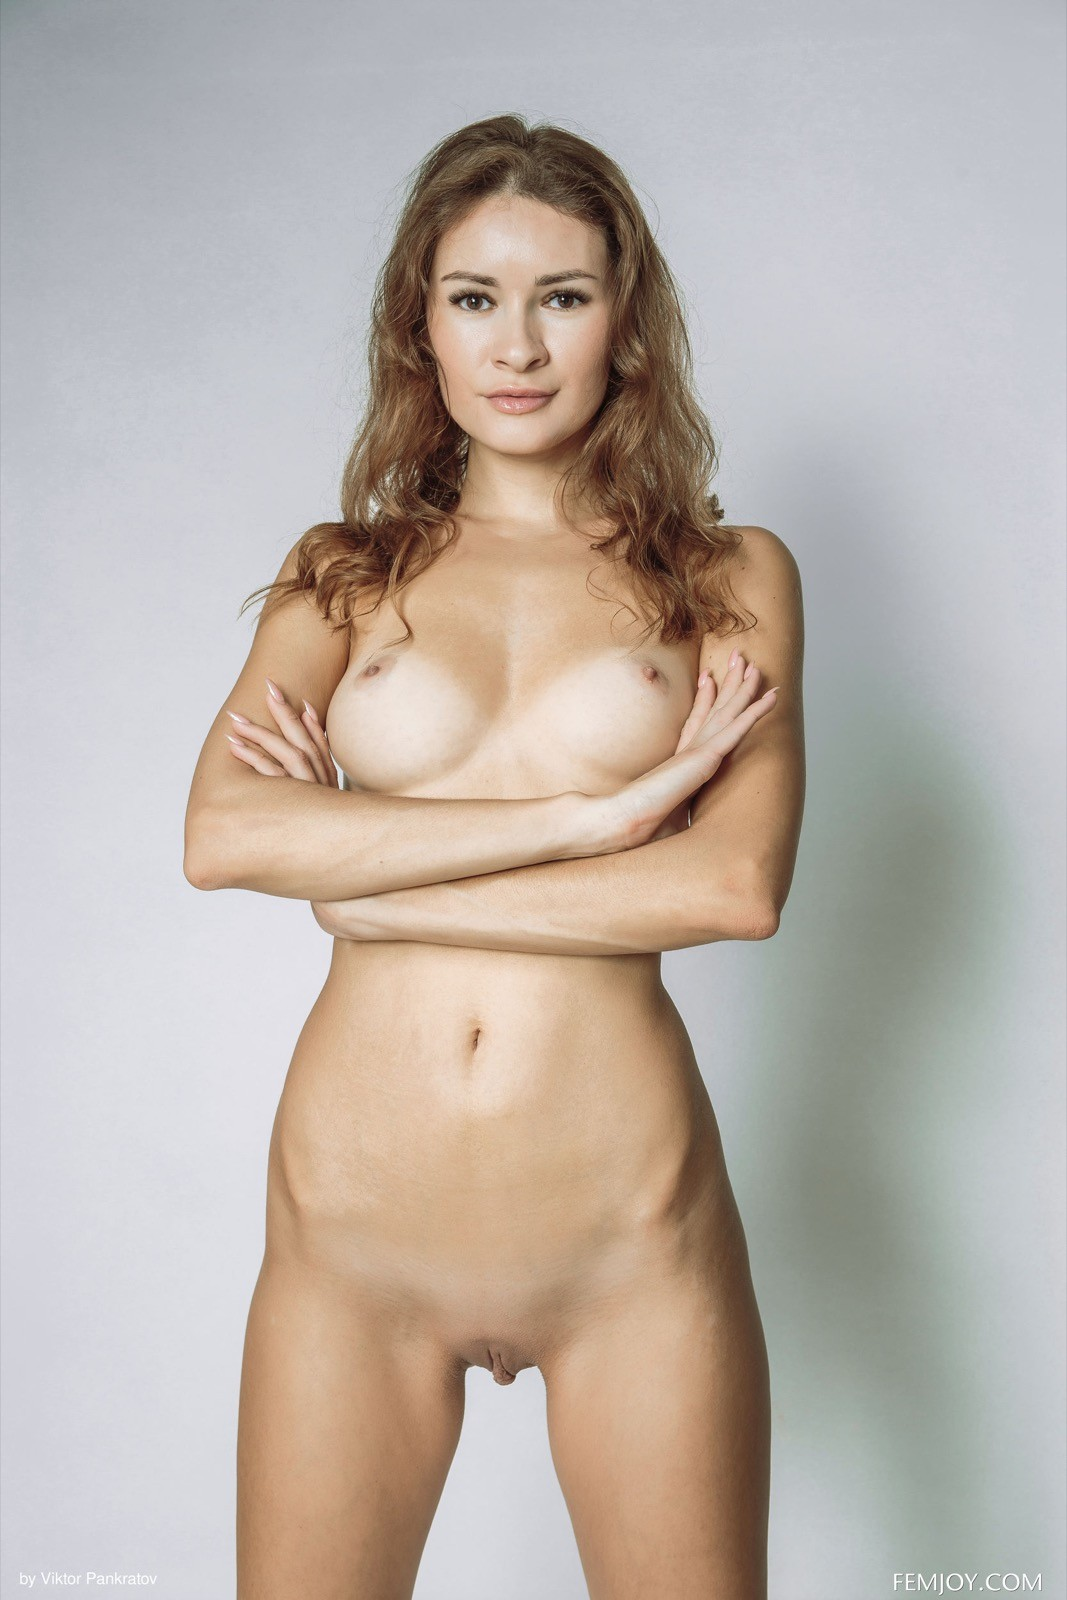 Модель с длинными ножками в боди и голая - фото